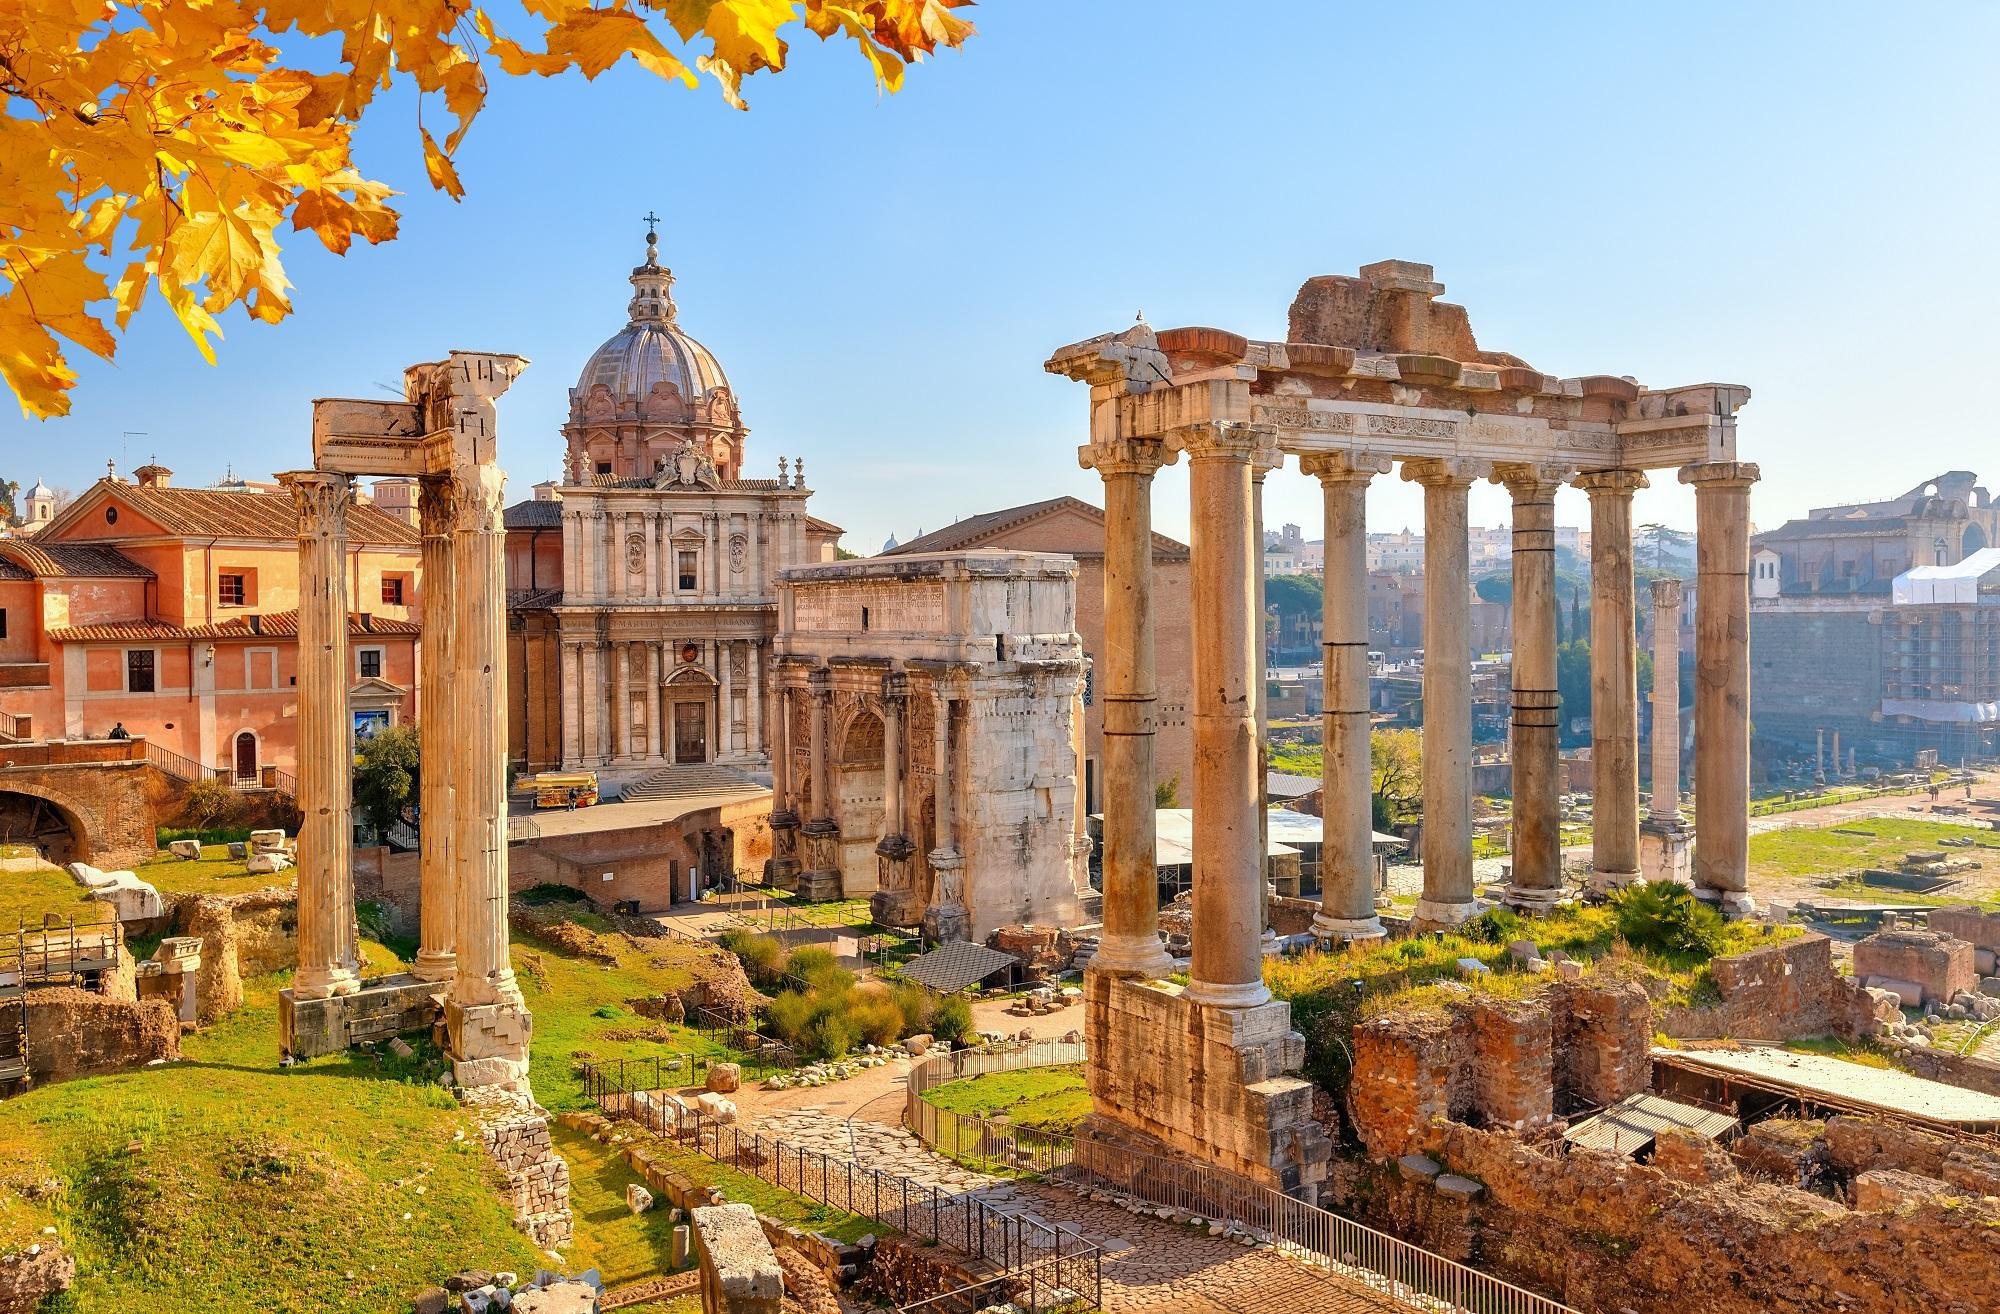 Отпуск в сентябре. Куда поехать? Источник фото: Shutterstock